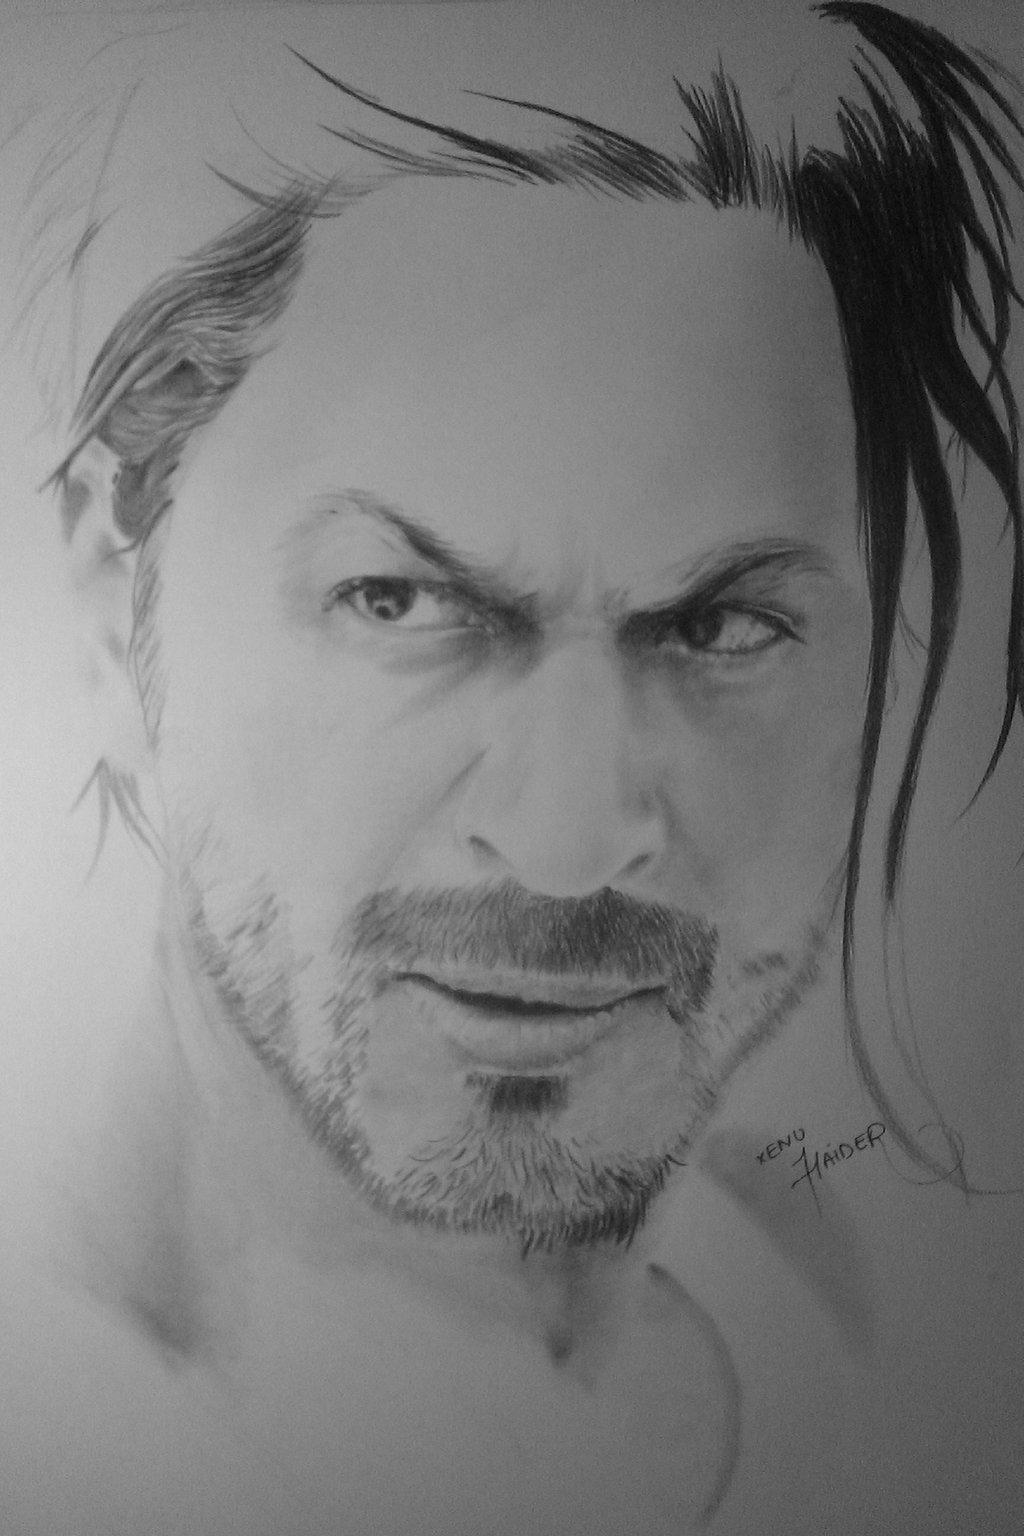 Shah rukh khan pencil drawings pencil drawings